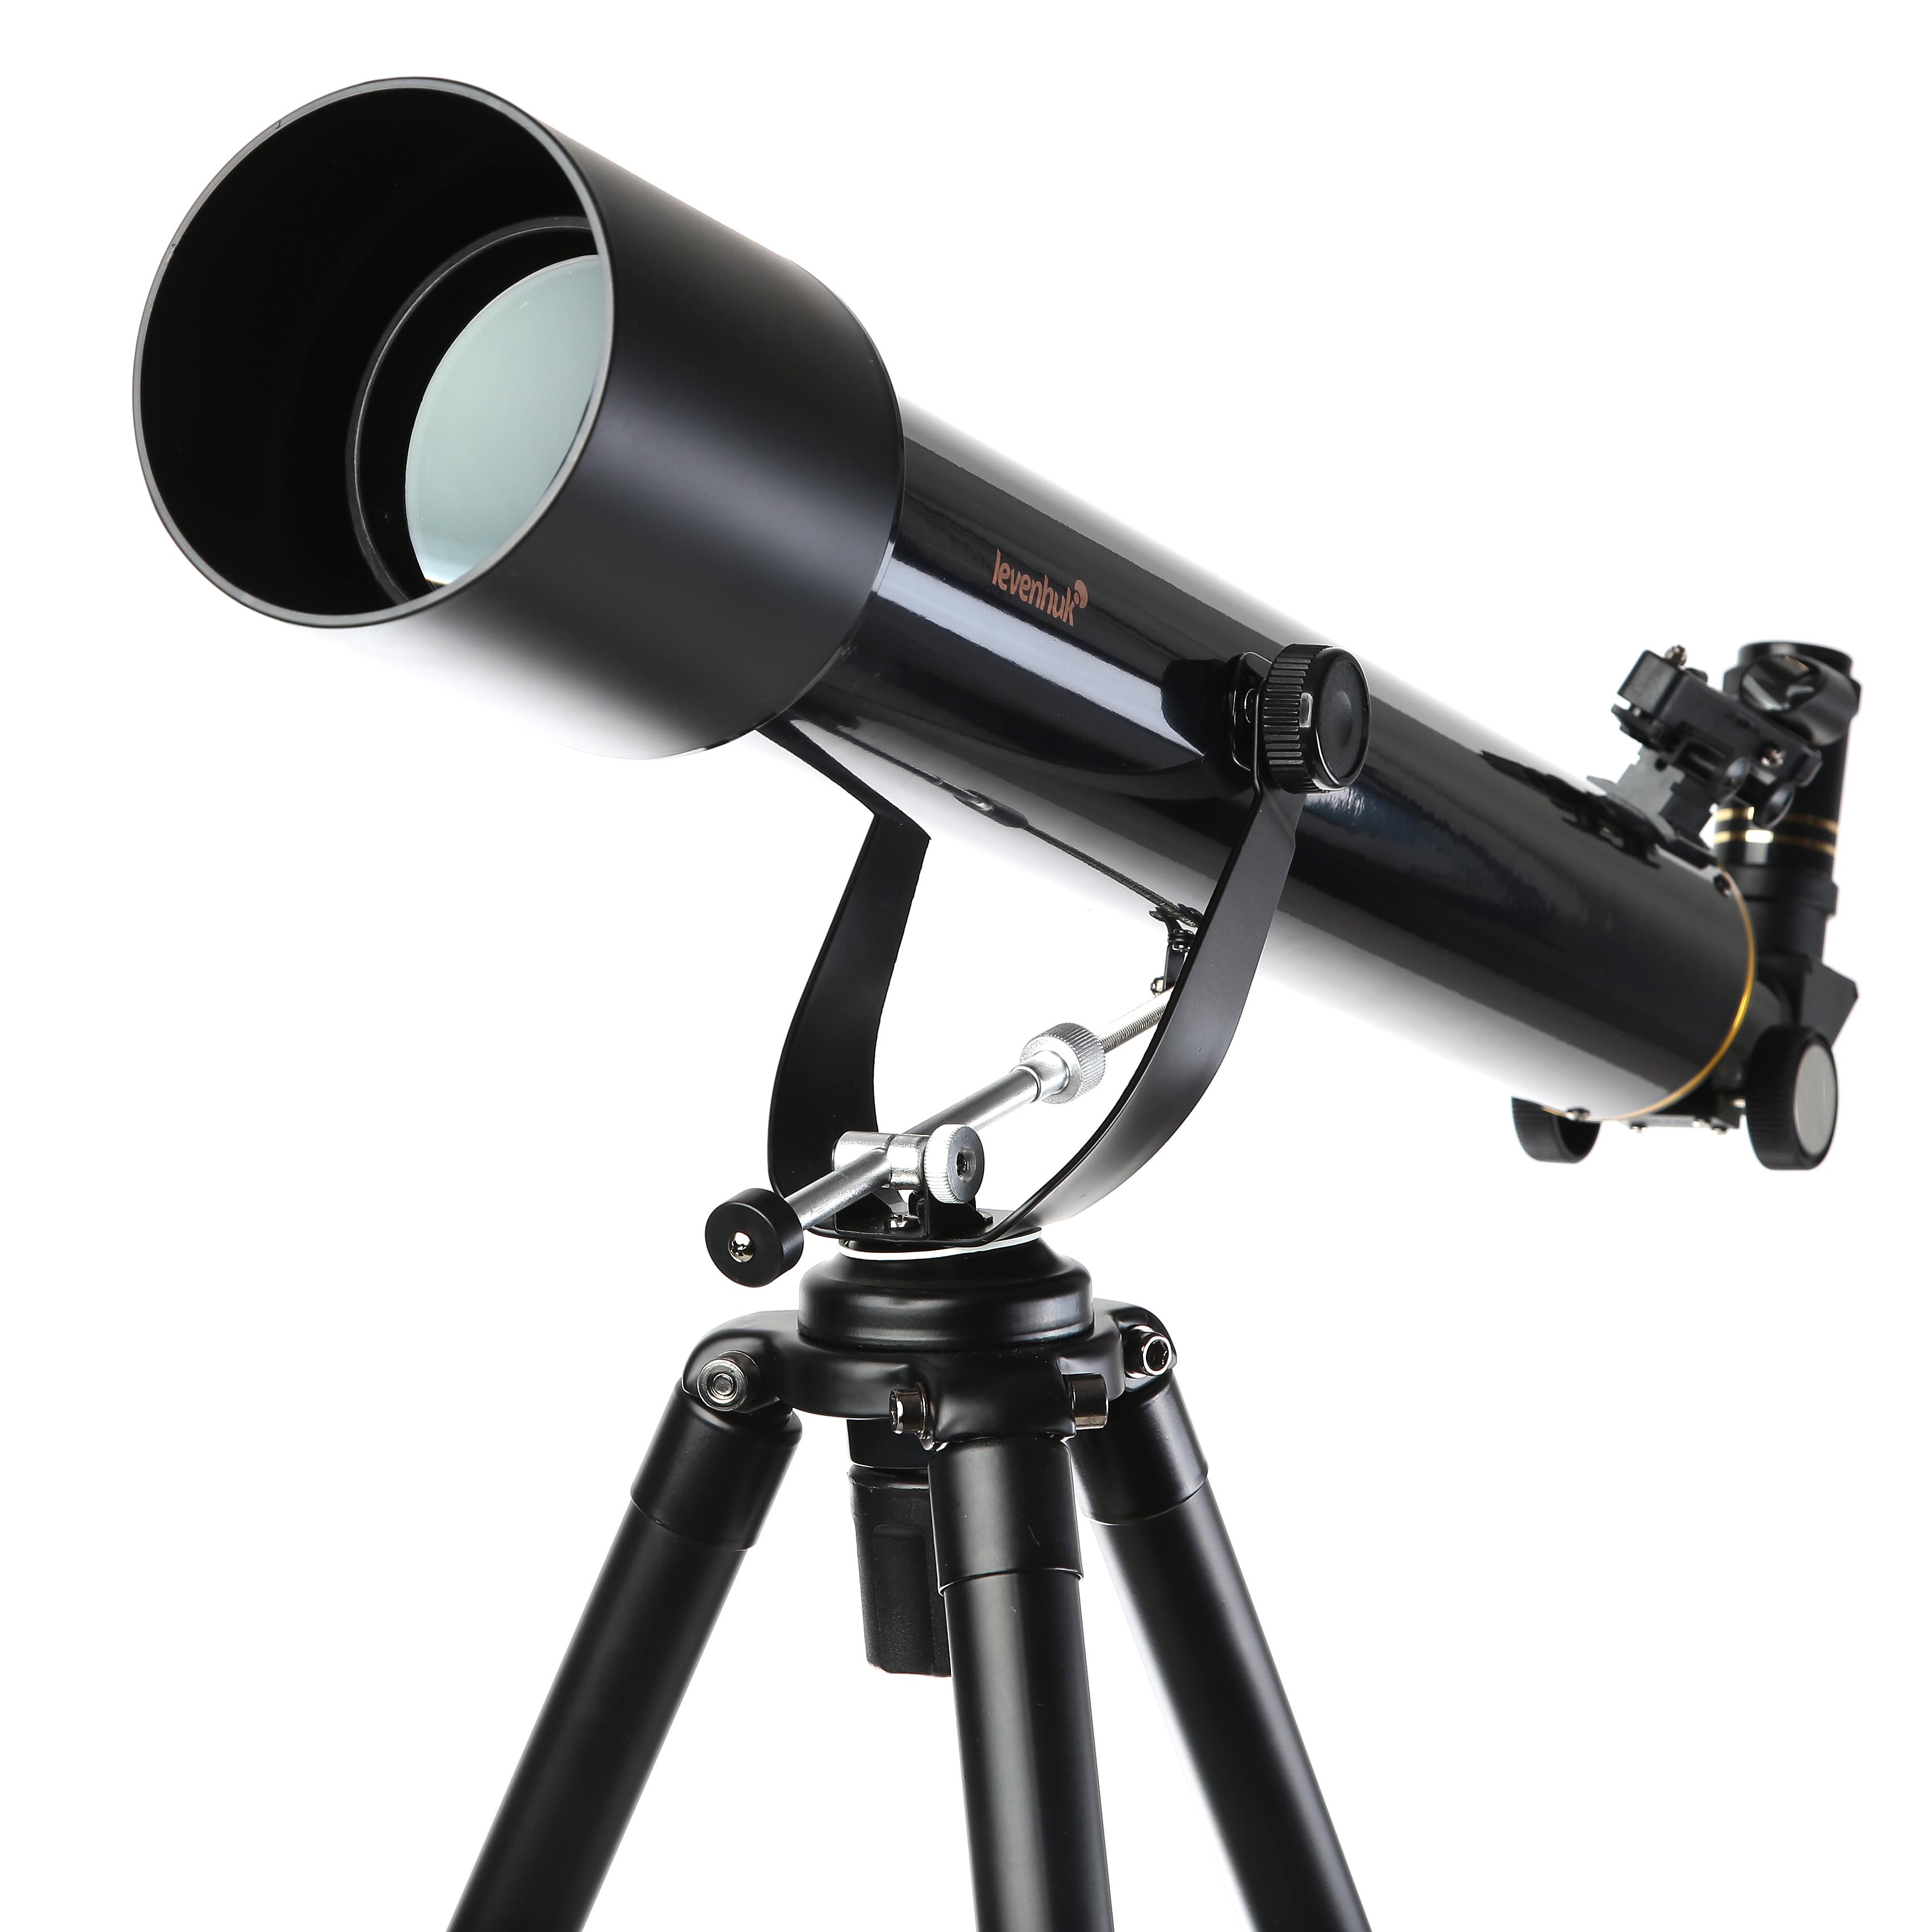 Телескоп Levenhuk Strike 80 ng (ru) телескоп levenhuk телескоп strike 80 ng 29270 lev29270